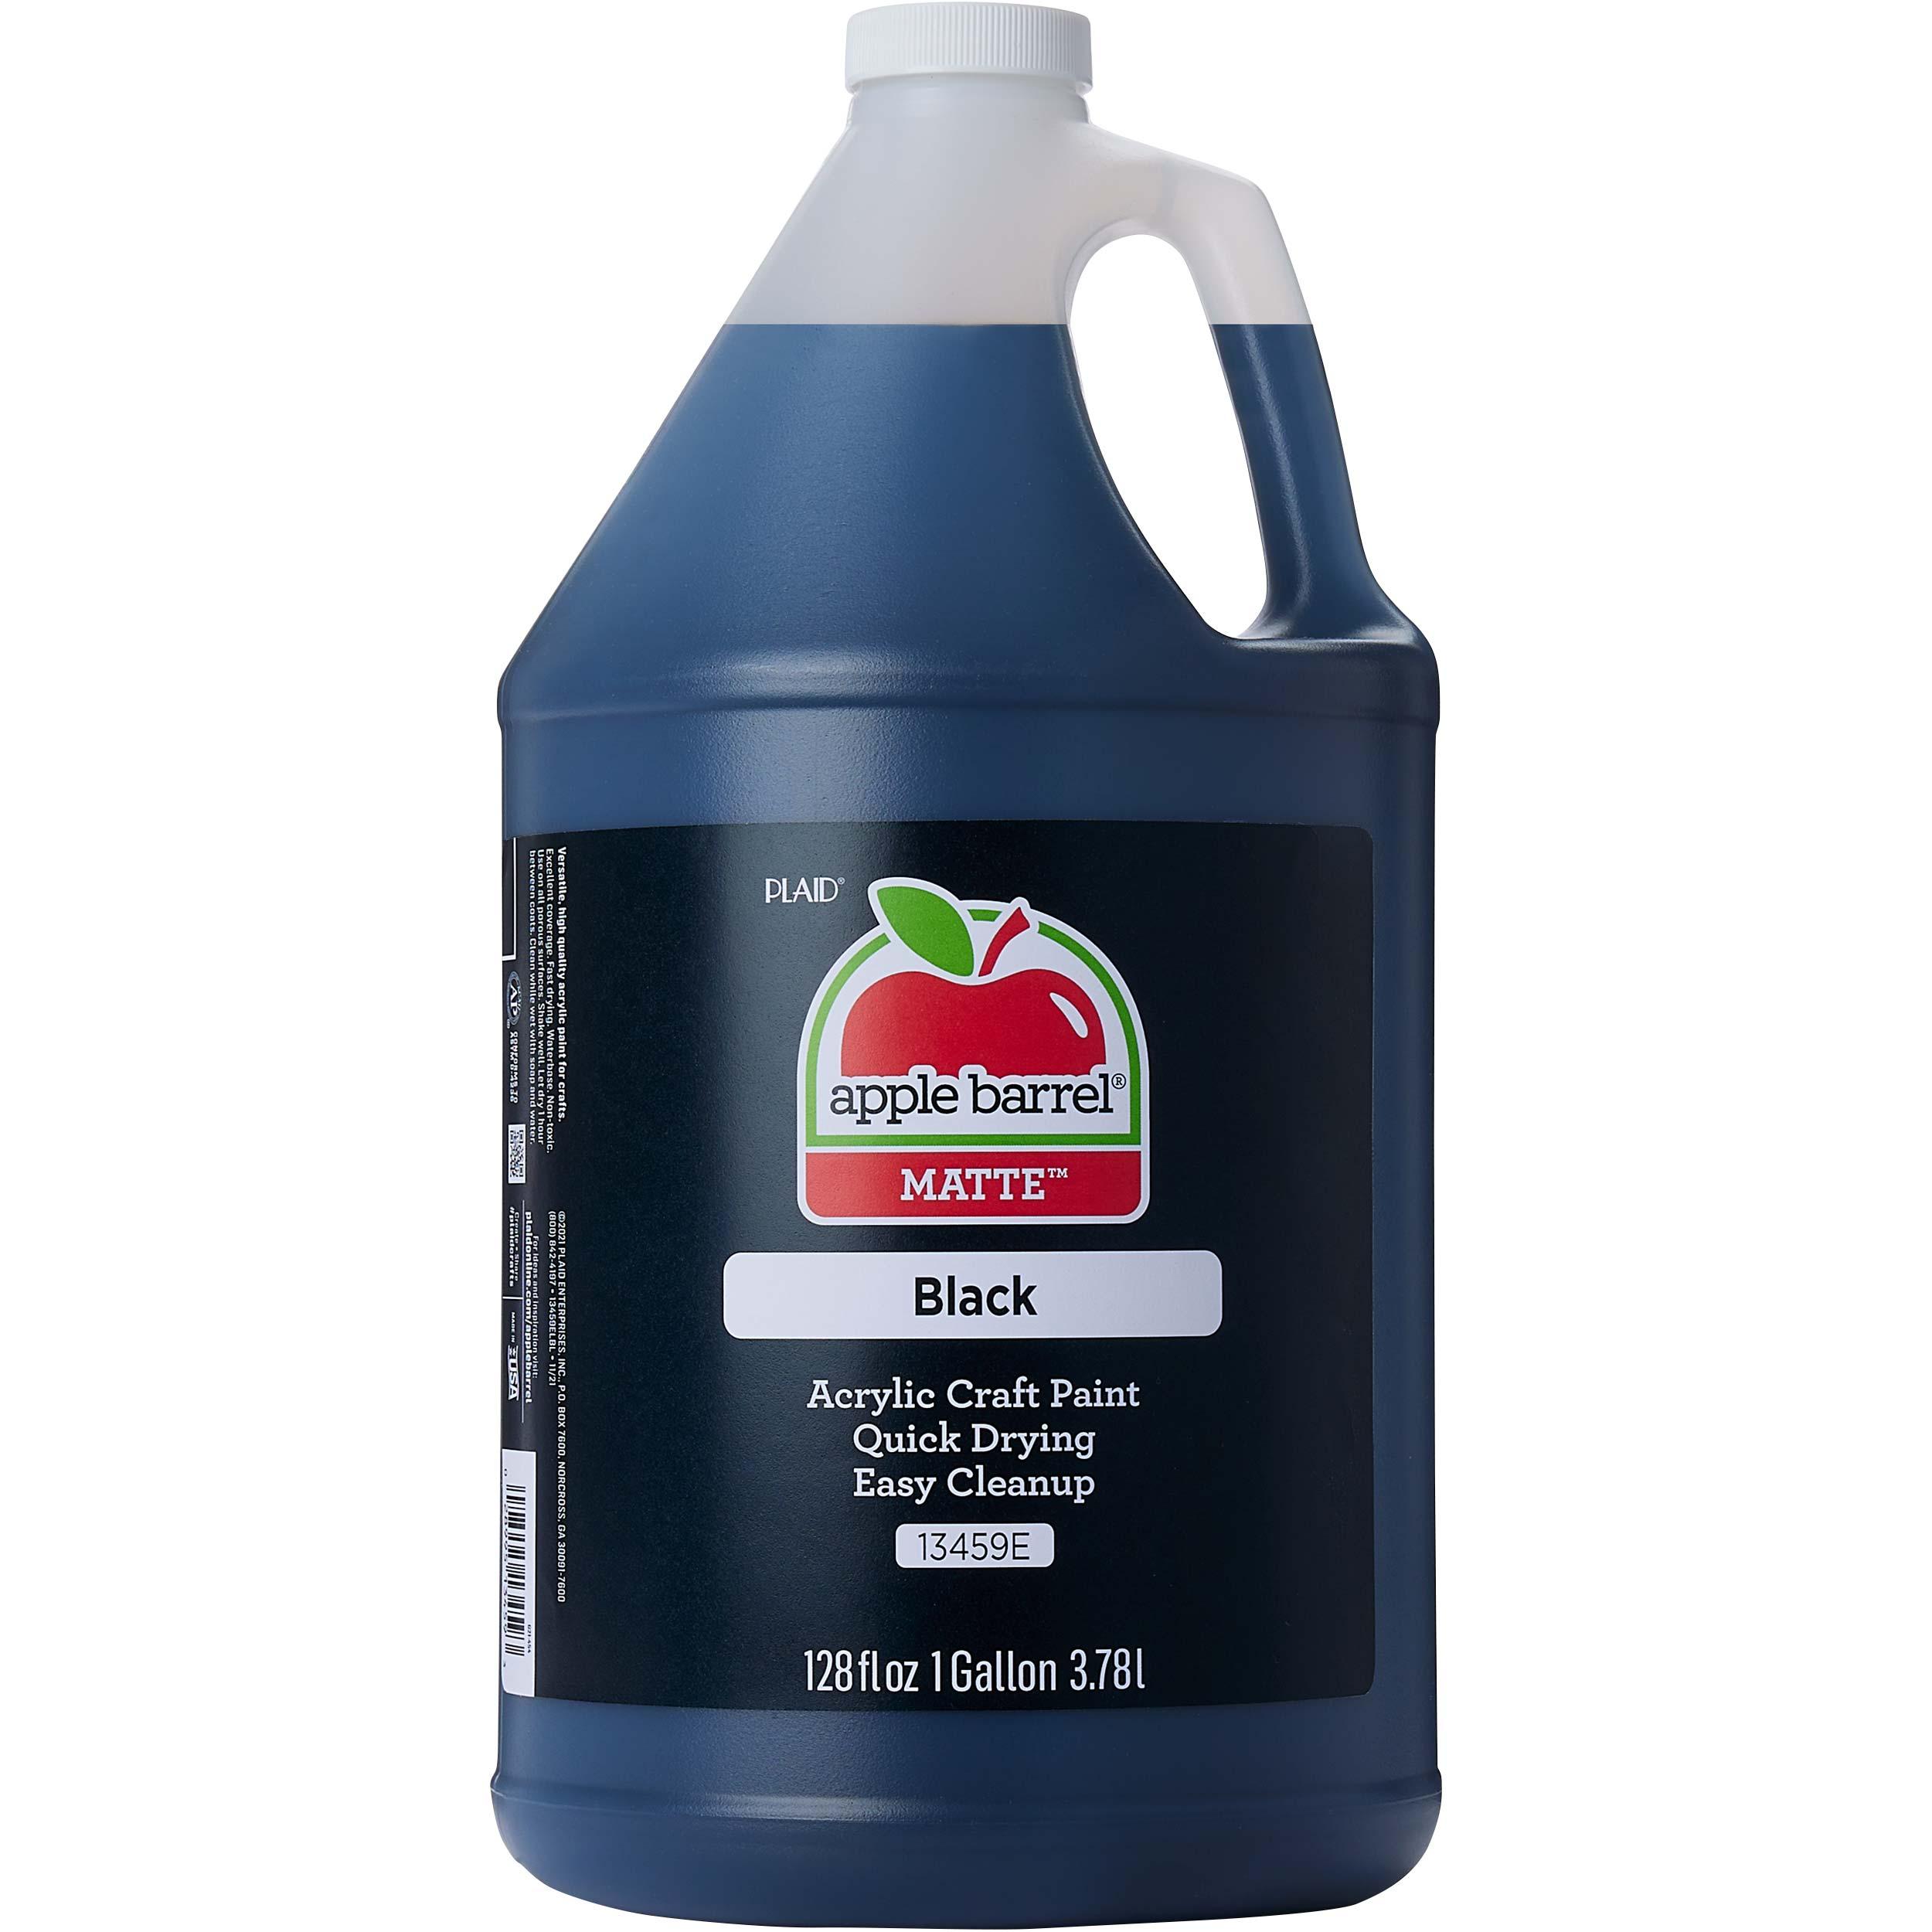 Apple Barrel ® Colors - Black, Gallon - 13459E